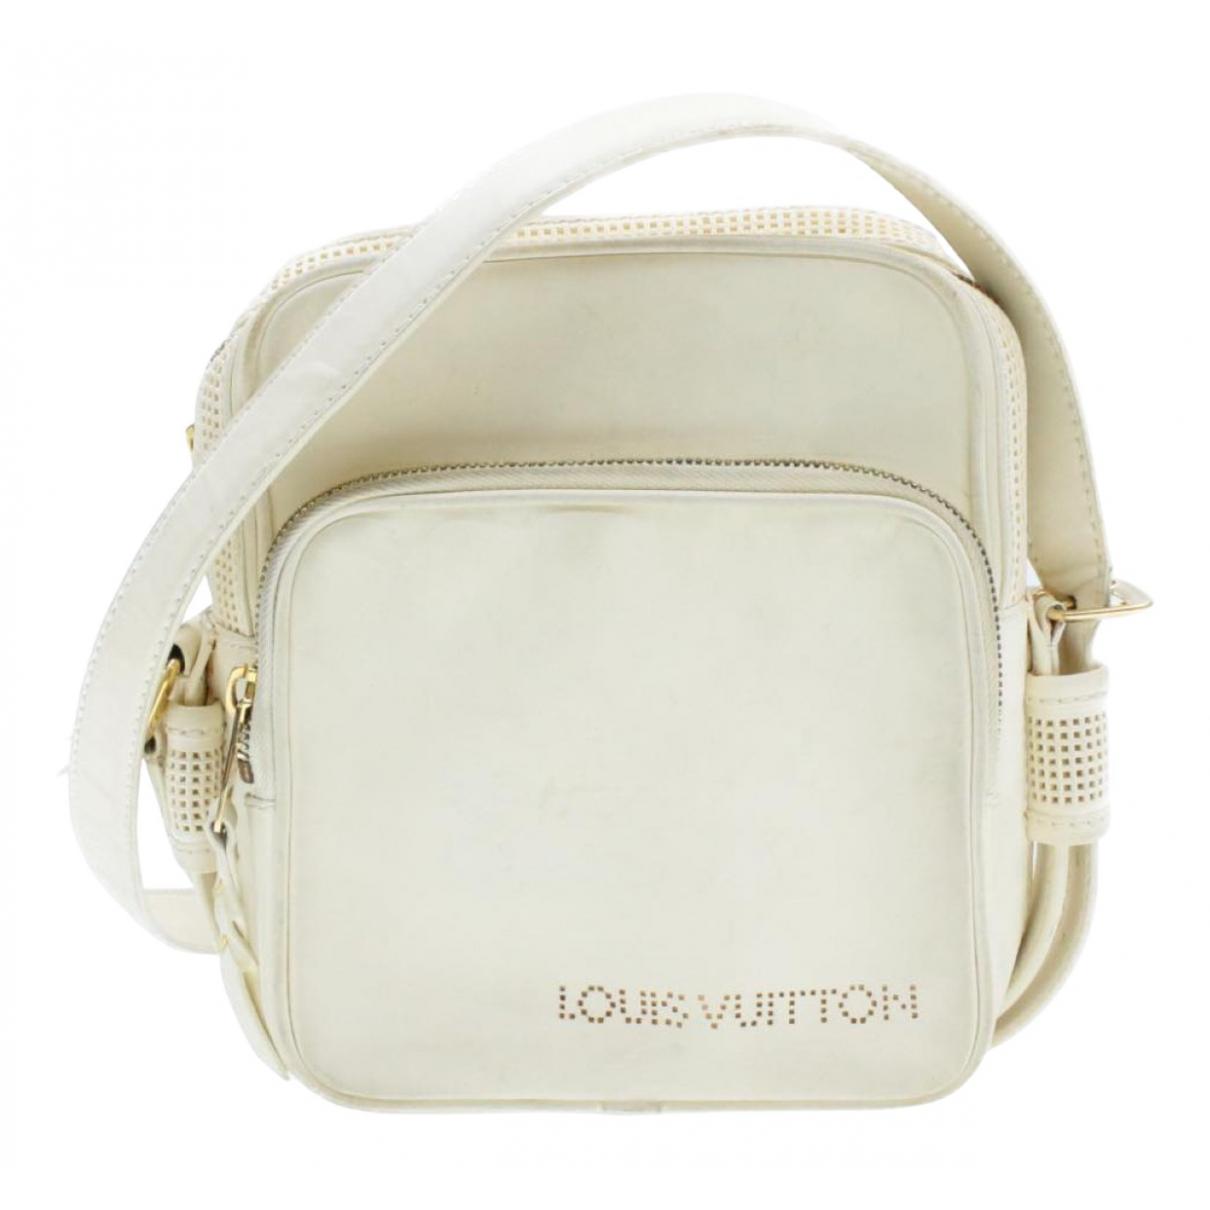 Bolso Trotteur de Cuero Louis Vuitton